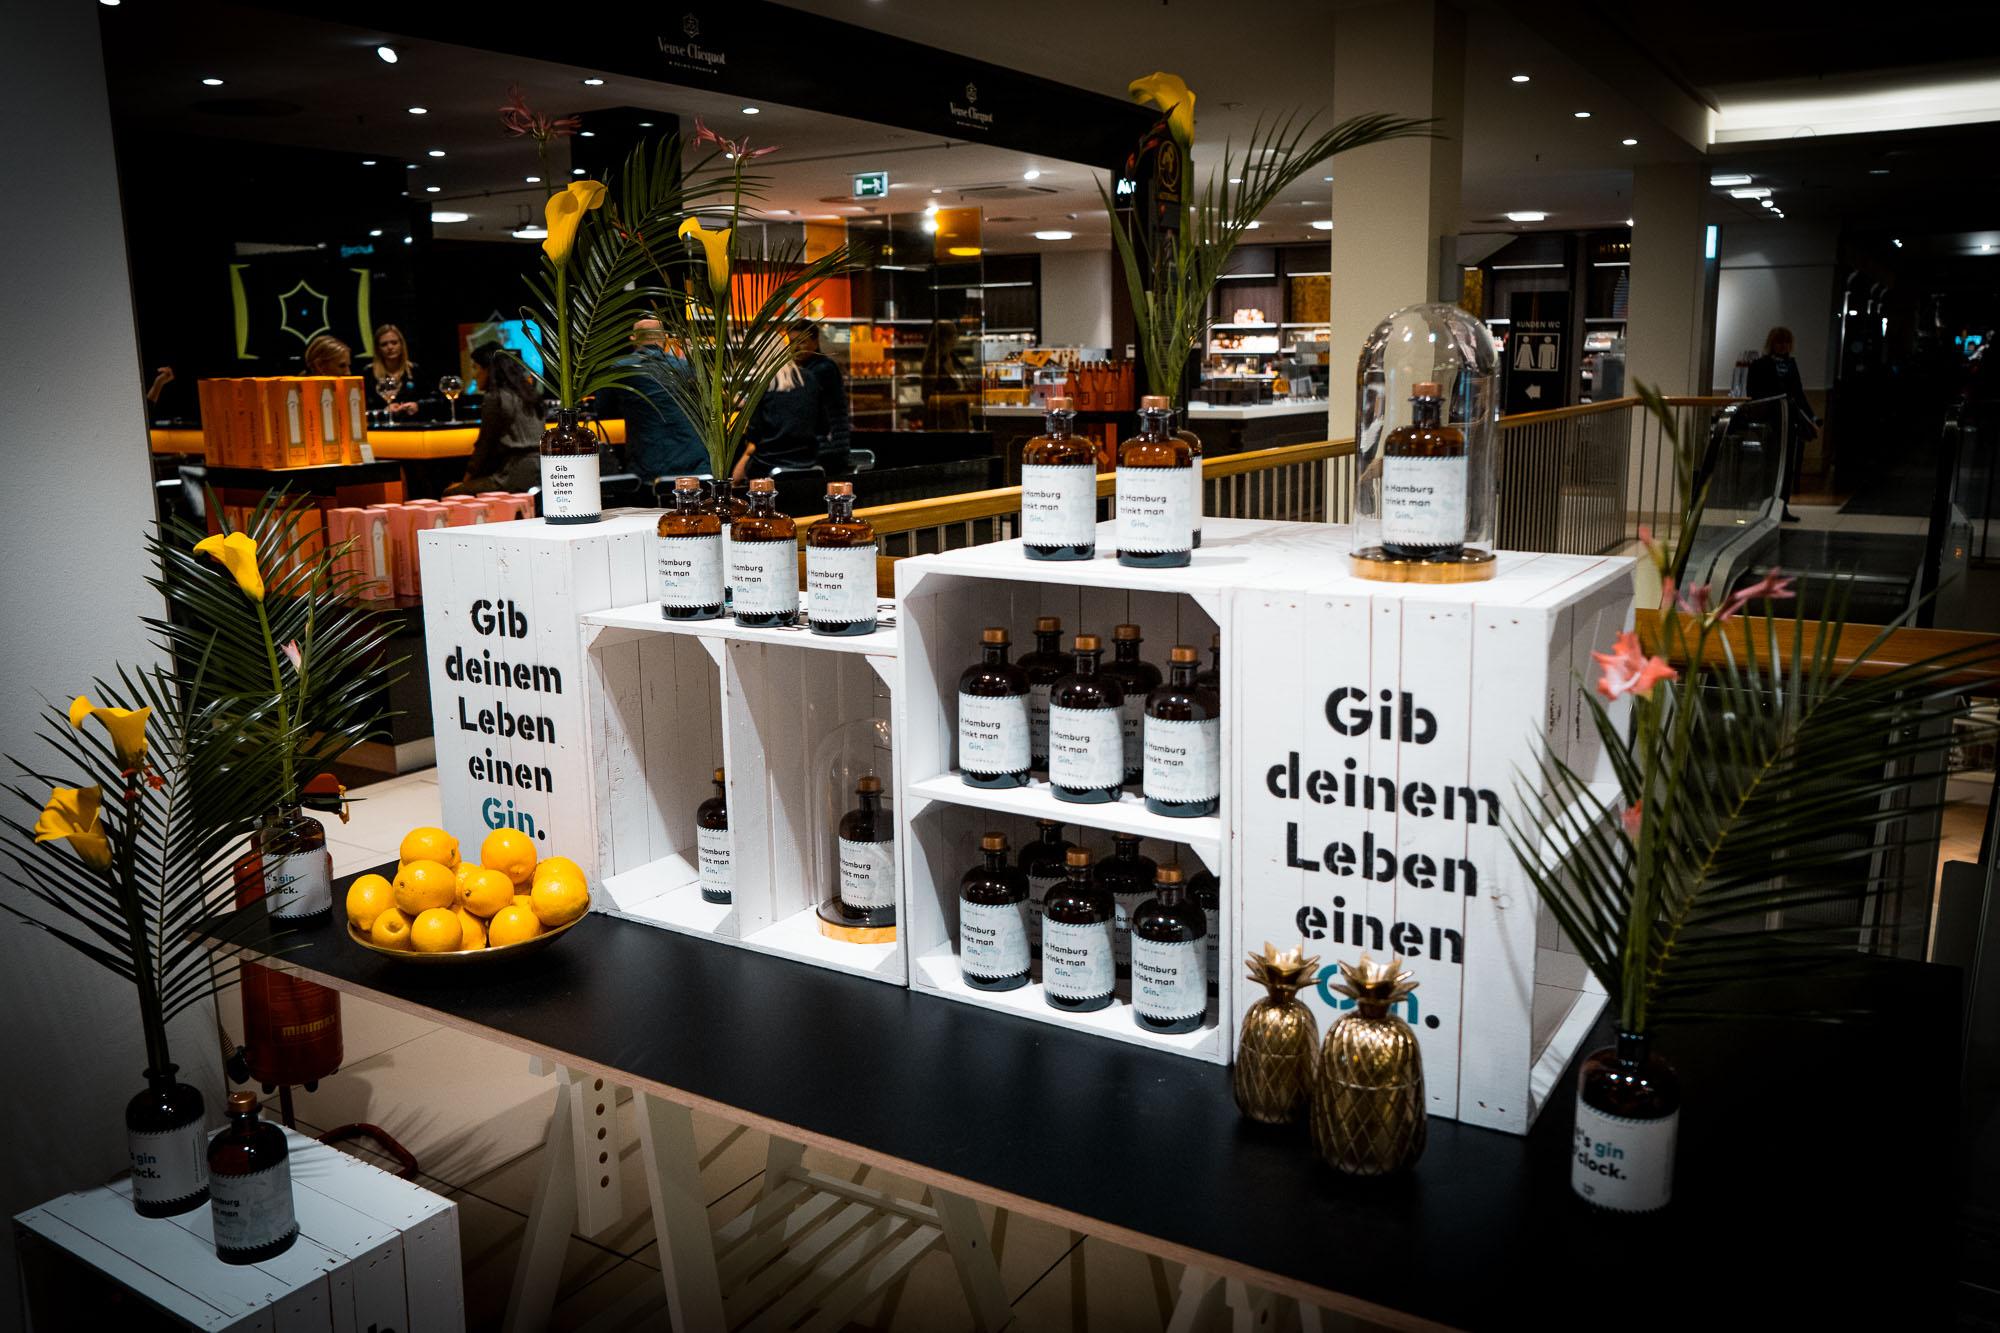 Wo kann man unseren Flaschenpost Gin kaufen? - Unser Flaschenpost Gin ist deutschlandweit im gut sortierten Fachhandel, im Feinkosthandel, sowie in unserem Manufaktur Shop und bei amazon.de erhältlich!